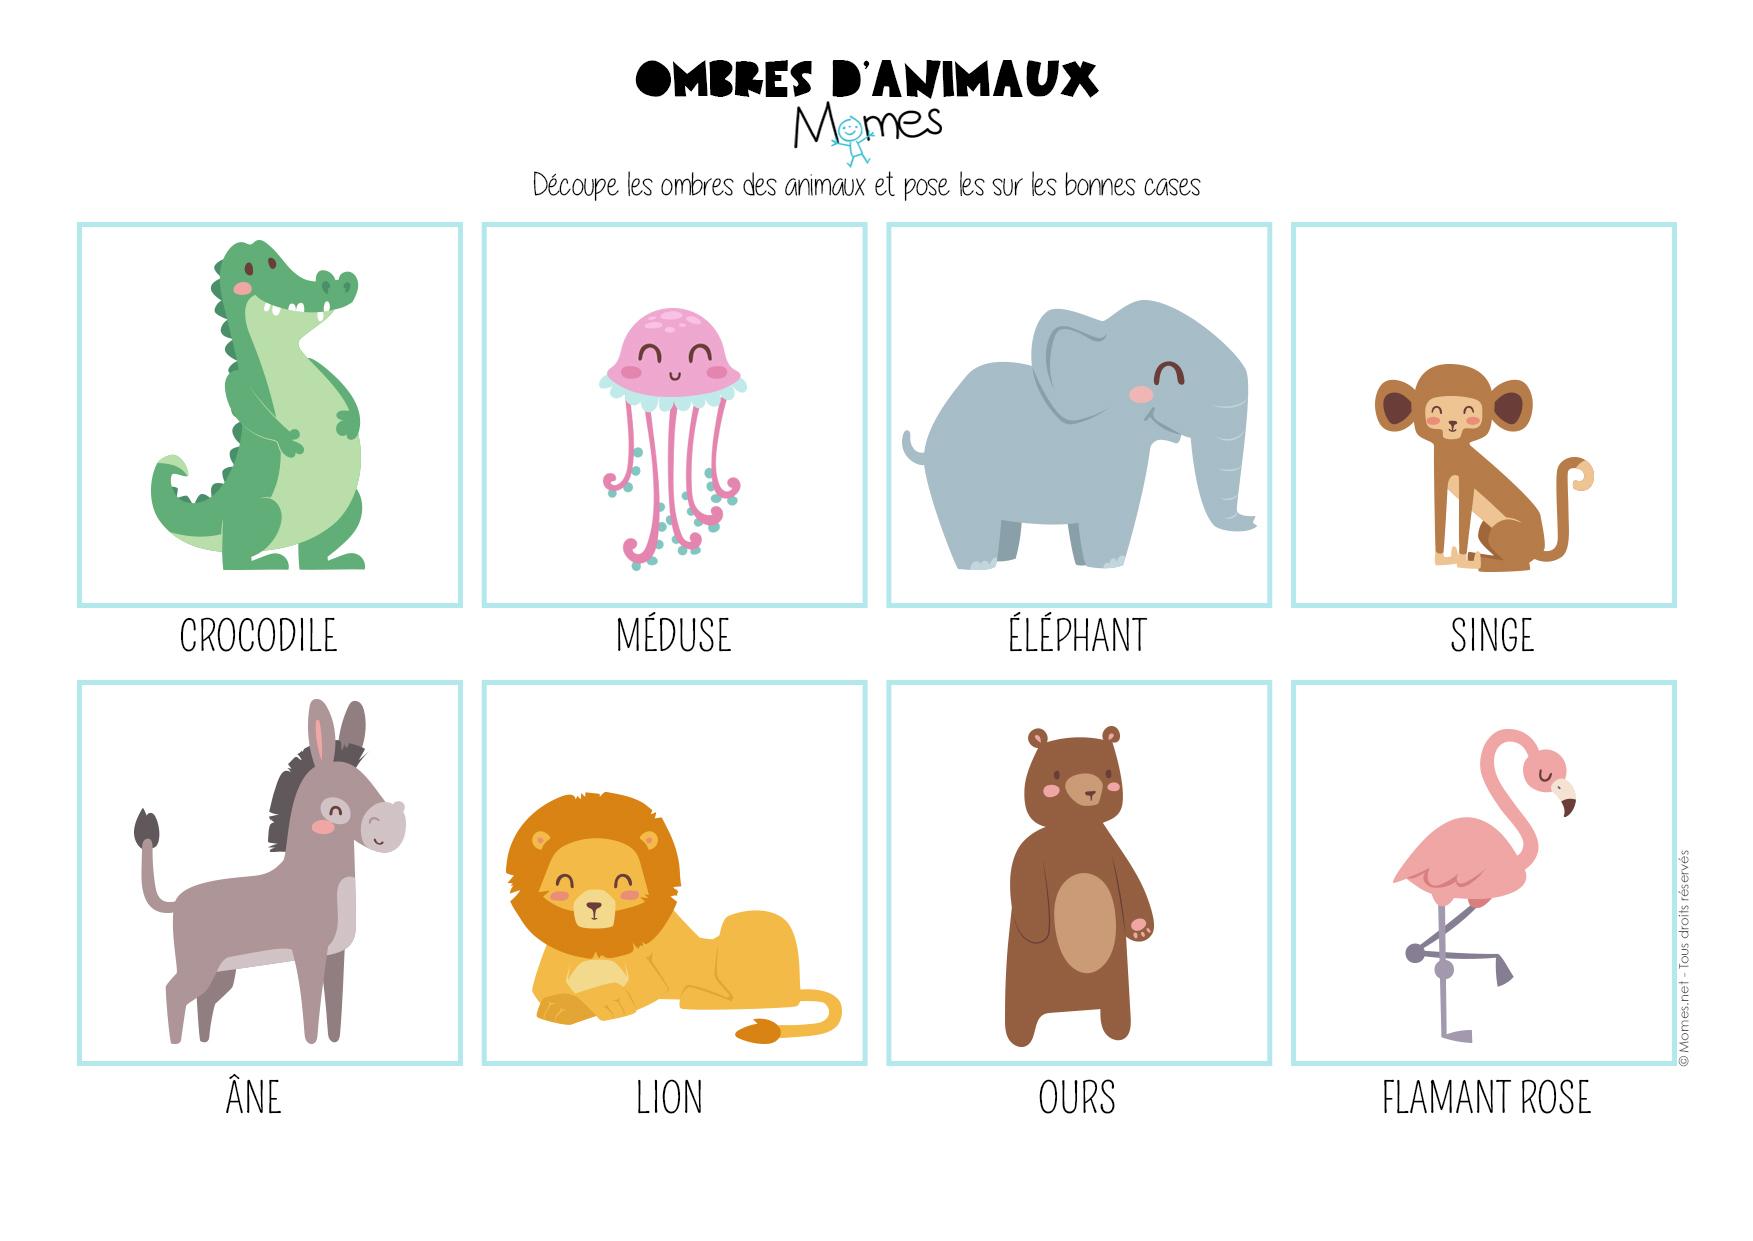 Le Jeu Des Ombres D'animaux - Momes encequiconcerne Activité A Imprimer 2 3 Ans